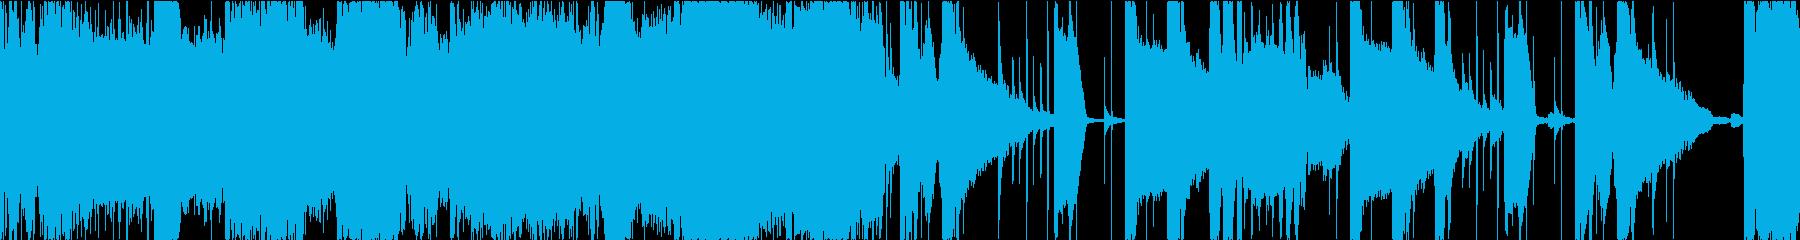 BGM02 brass  27秒ループの再生済みの波形